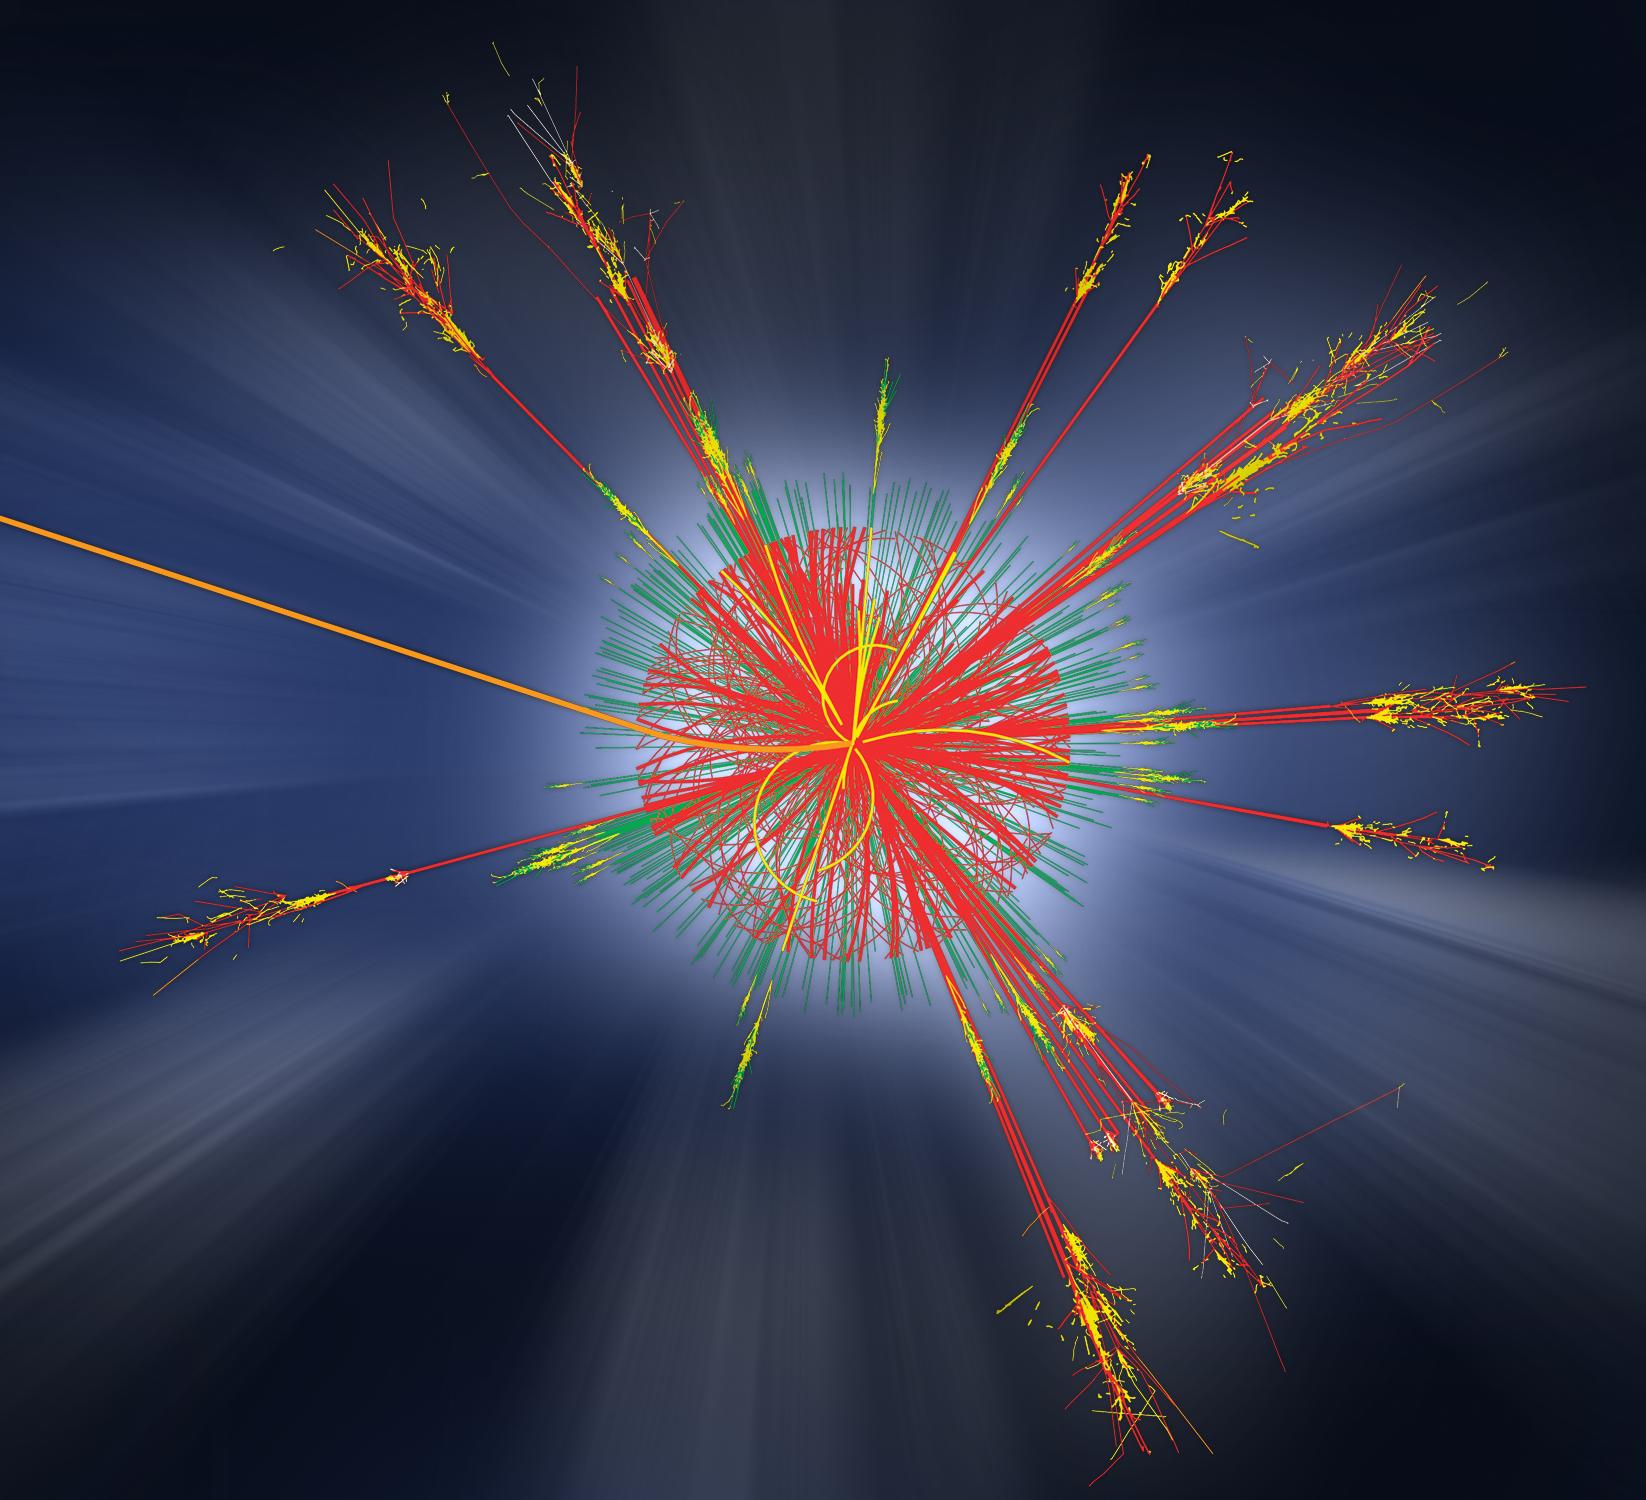 Simulace vzniku hypotetické mikroskopické černé díry a jejího vypaření Hawkingovým zářením (zdroj ATLAS, CERN).